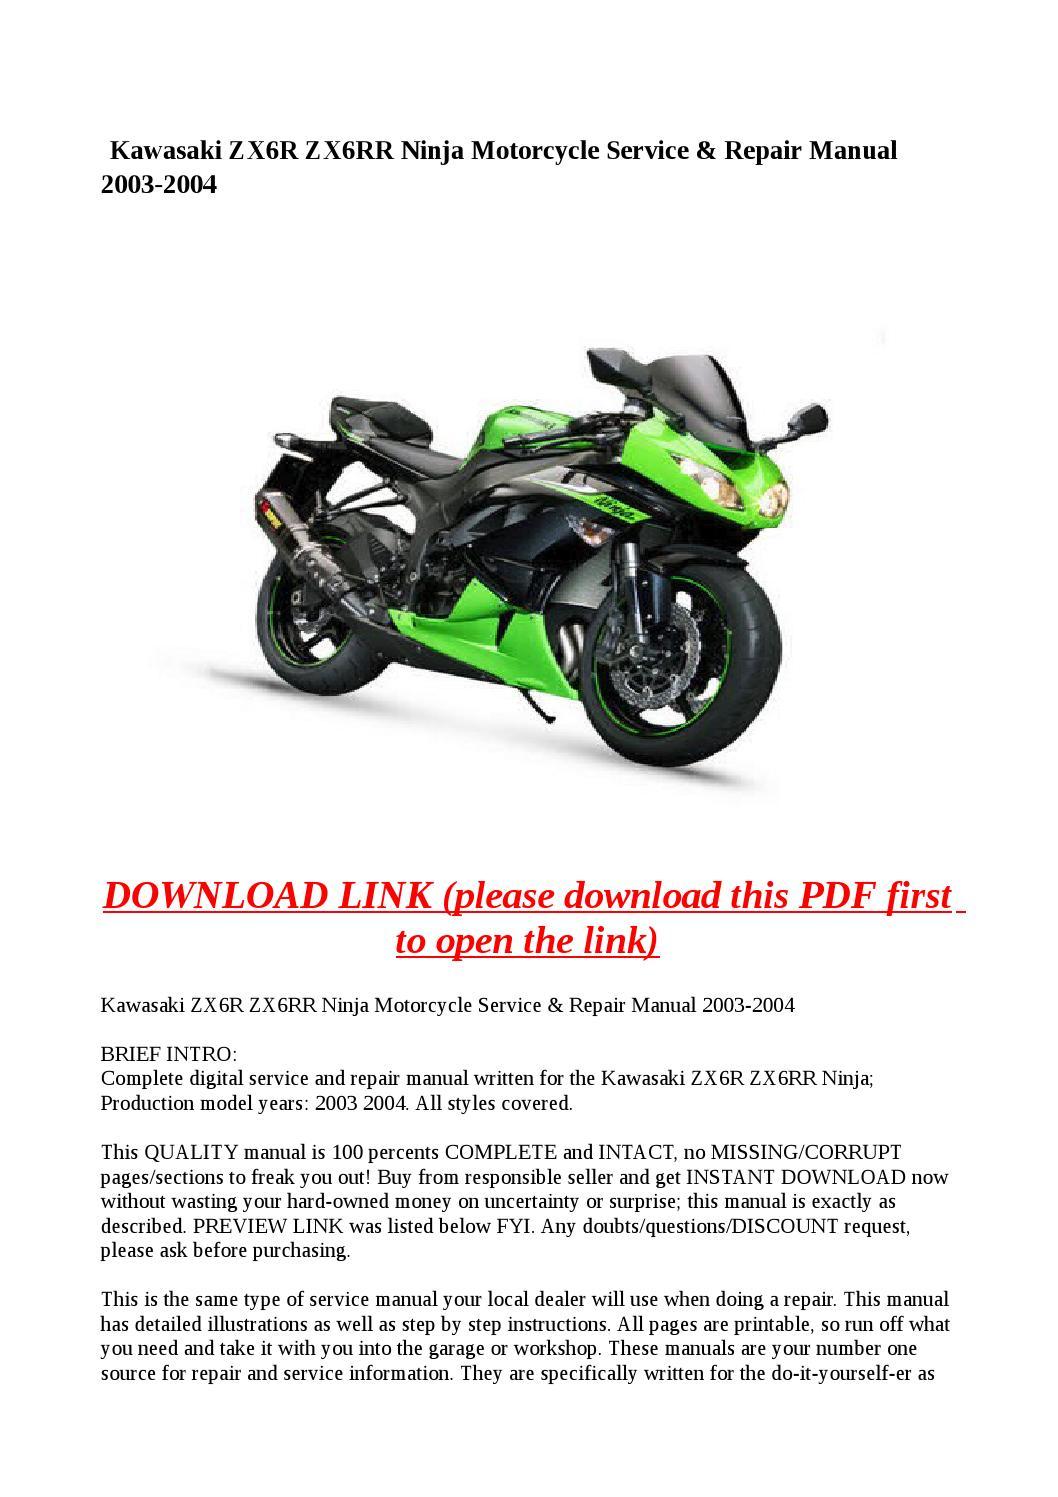 2003 kawasaki zx6r service manual pdf